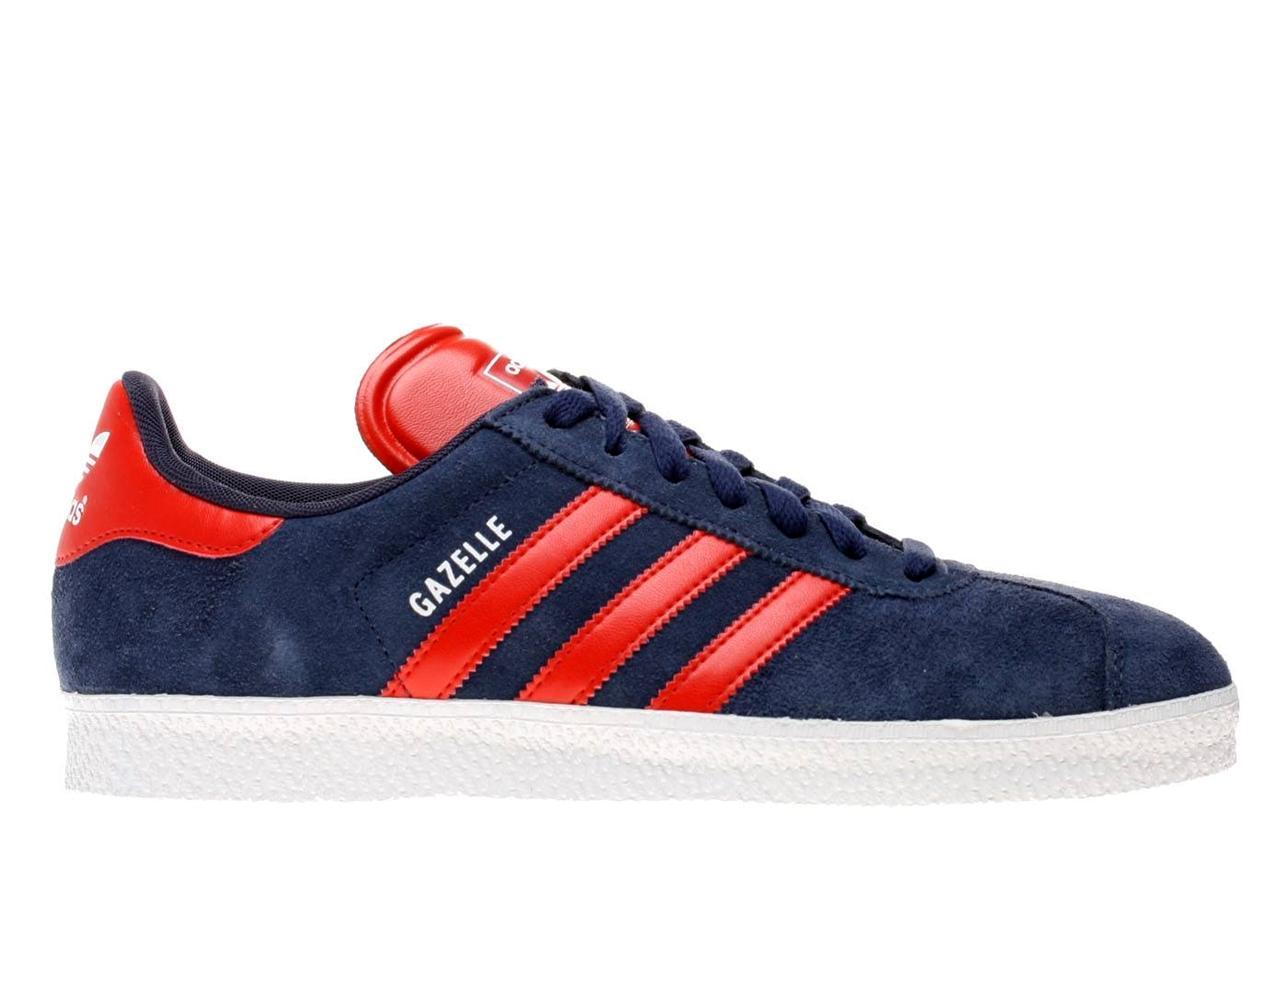 0d0de9c9eb00fc adidas gazelle navy with light blue stripe   Défi J arrête, j y gagne!